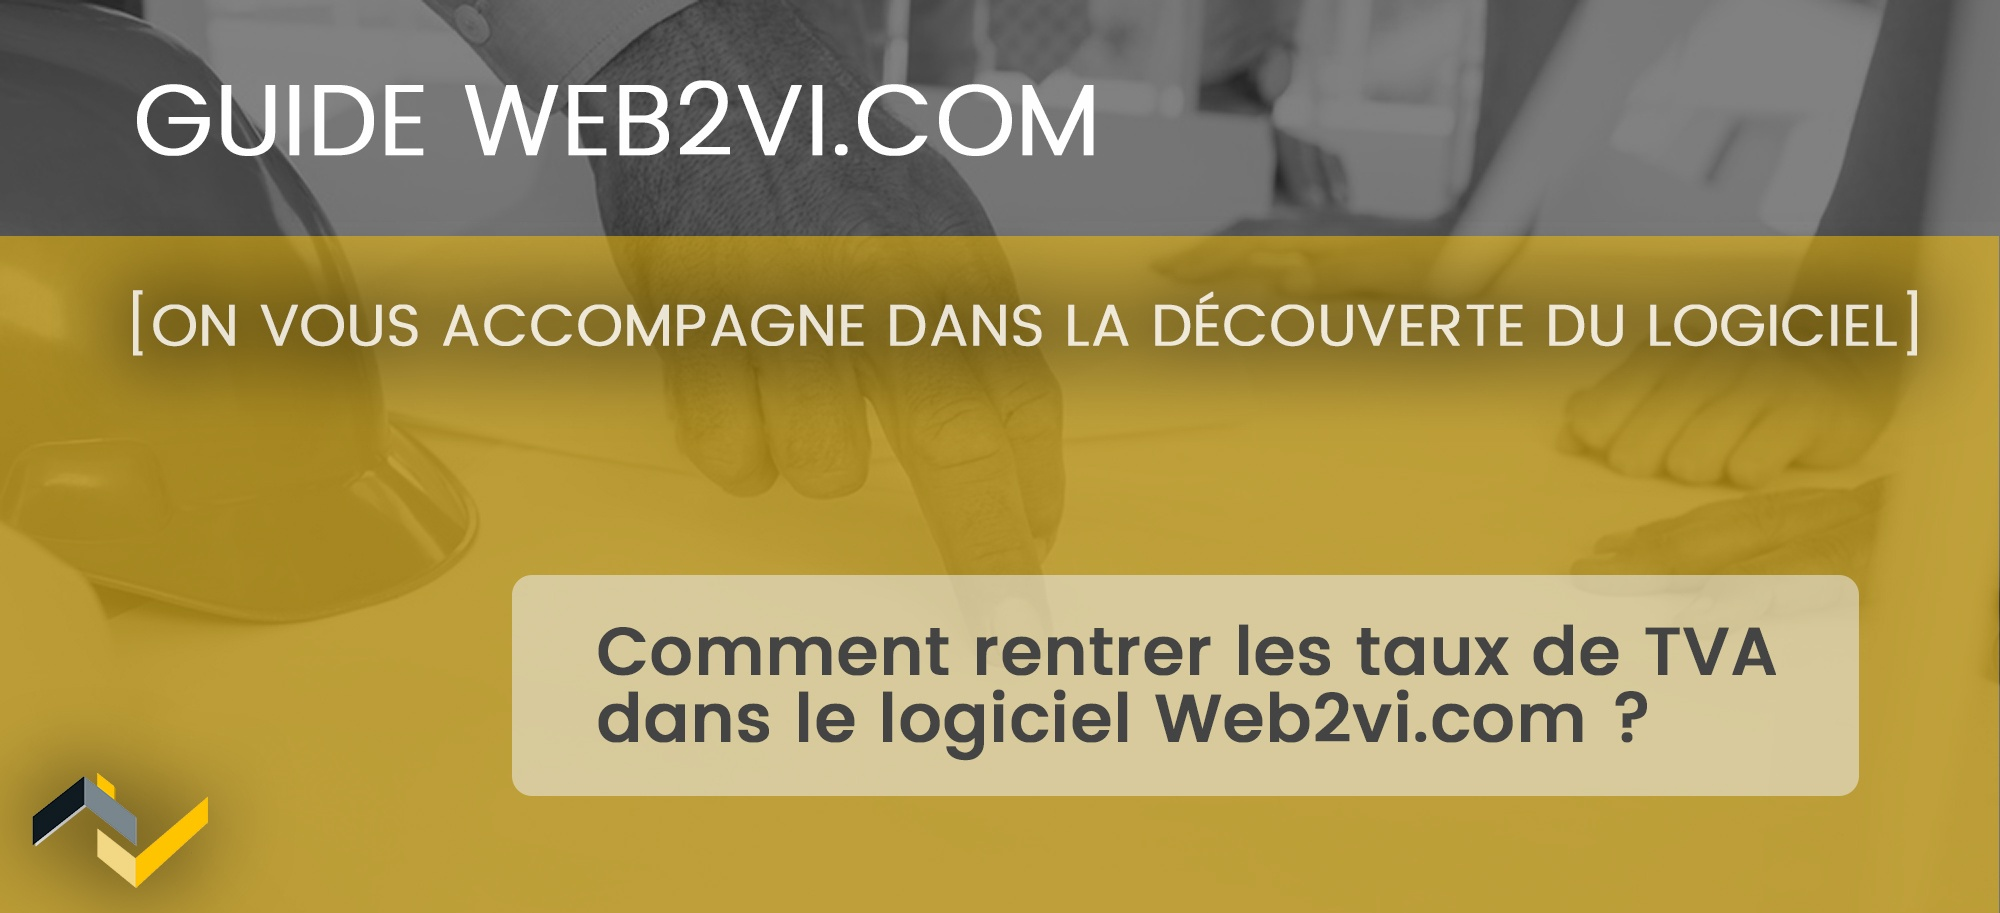 Comment gérer mes TVA dans le logiciel Web2vi.com ?